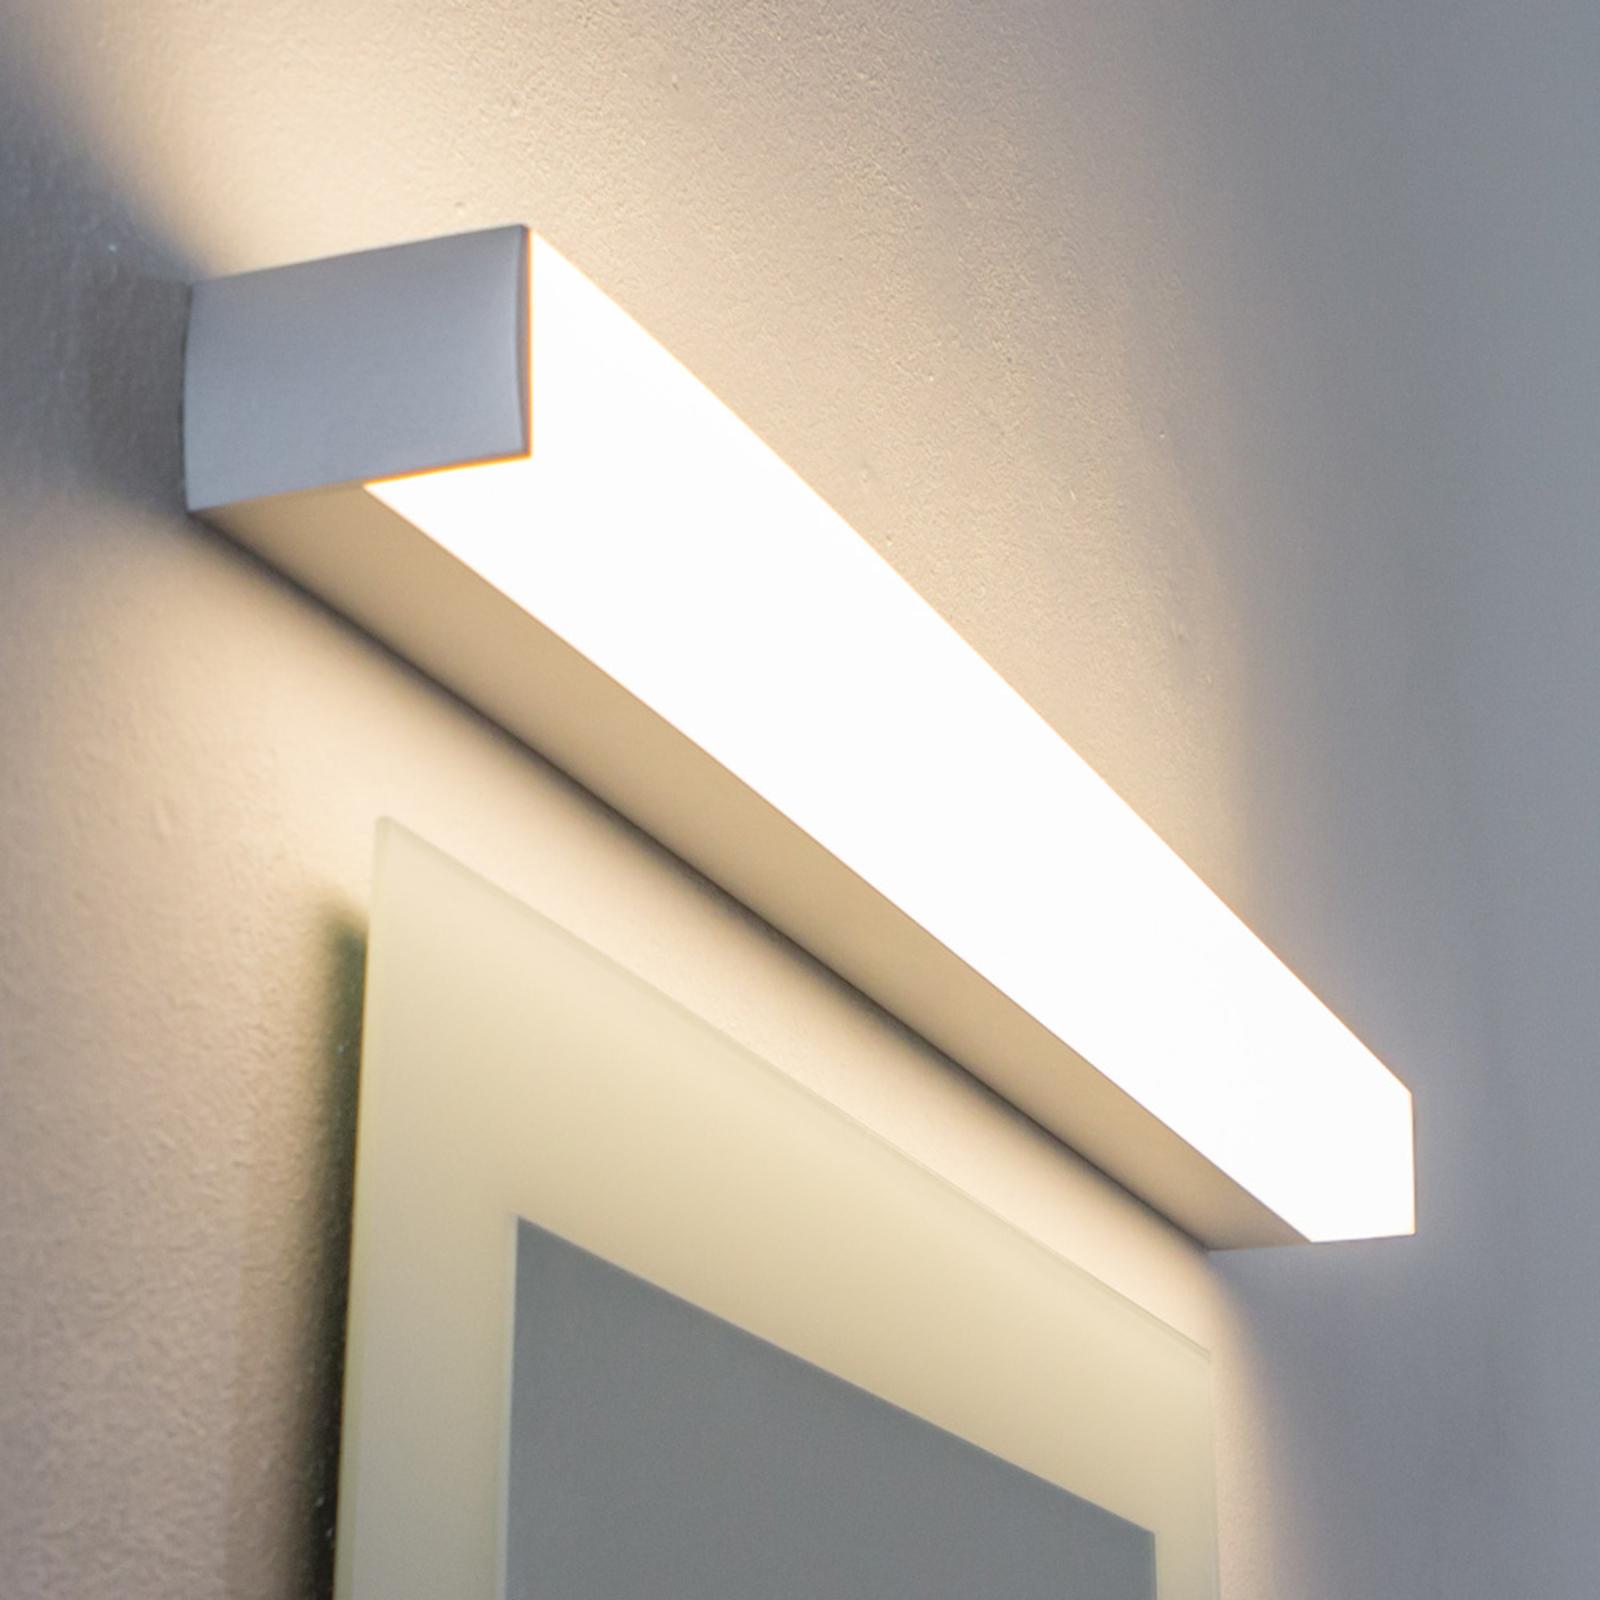 Seno-LED-seinävalaisin kylpyhuonepeilivalo 113,6cm